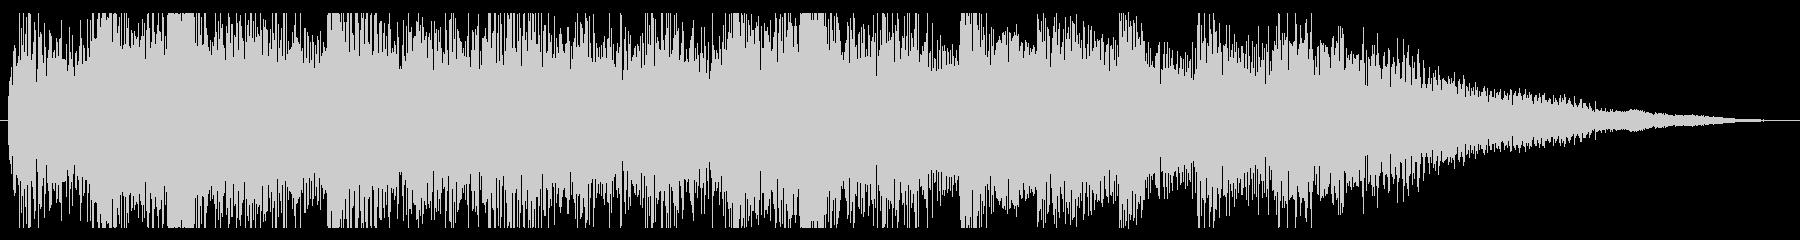 ミステリアスなピアノのジングル 場面転換の未再生の波形